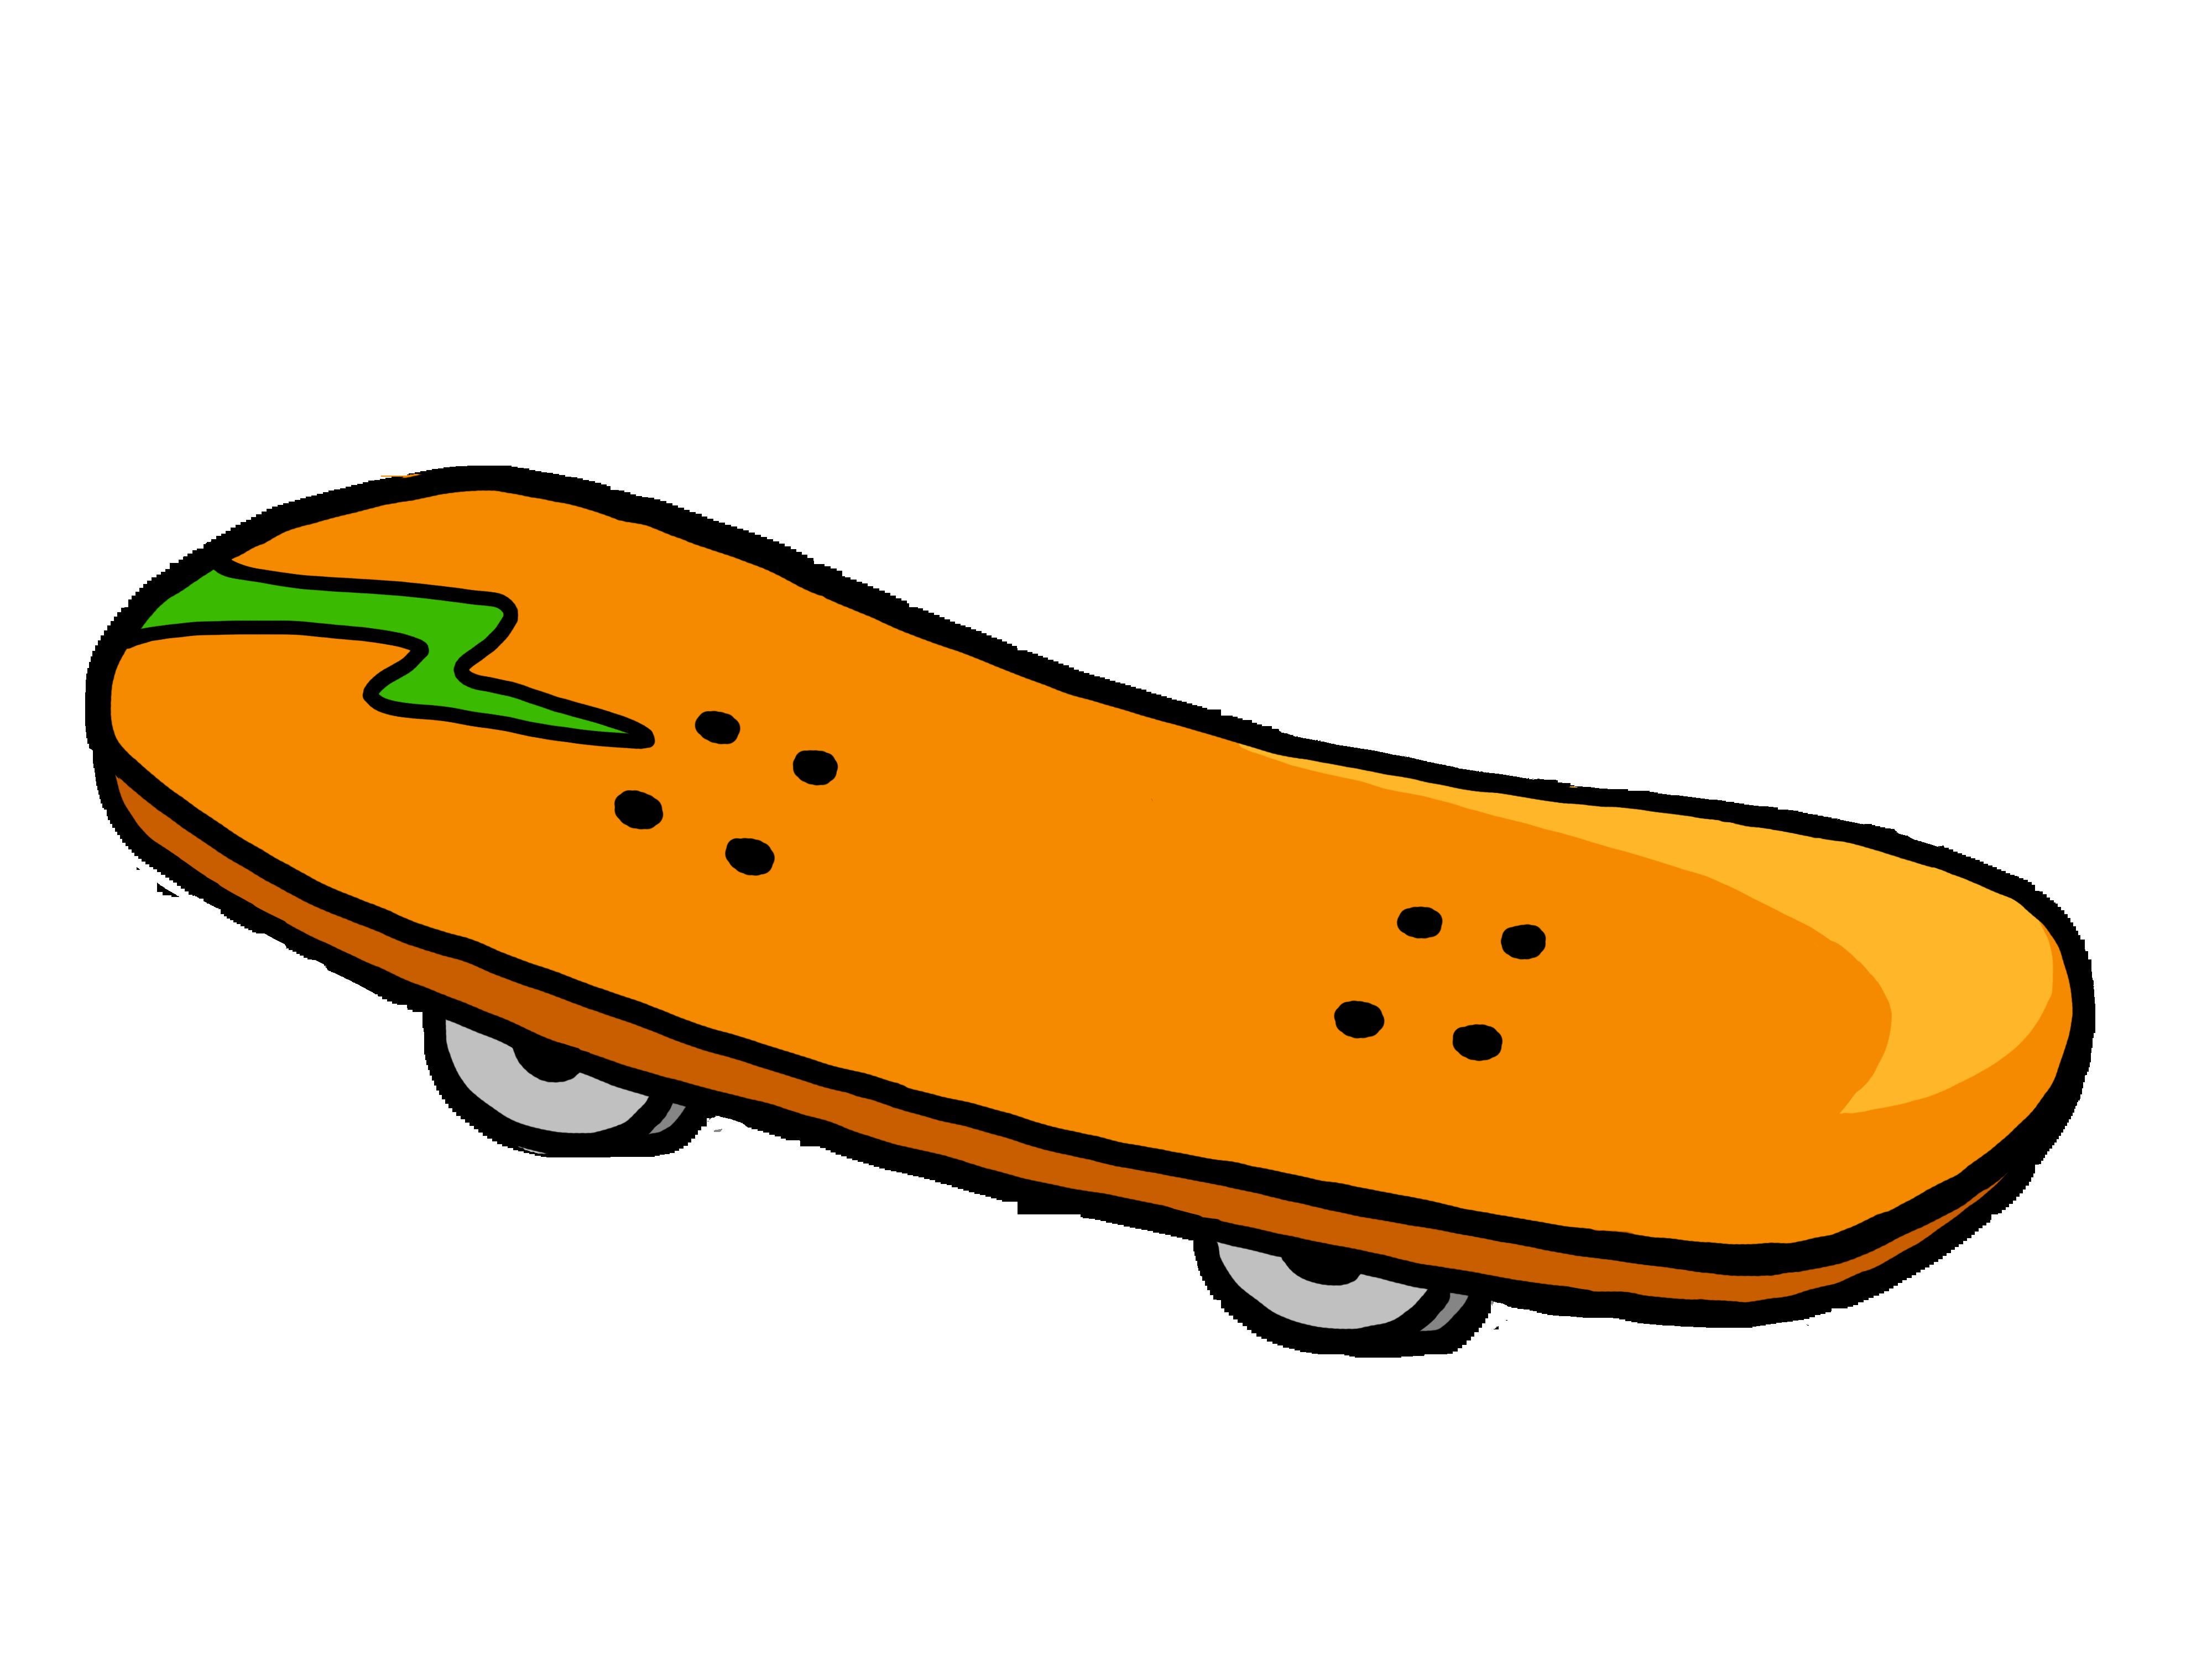 skateboard clipart-skateboard clipart-1